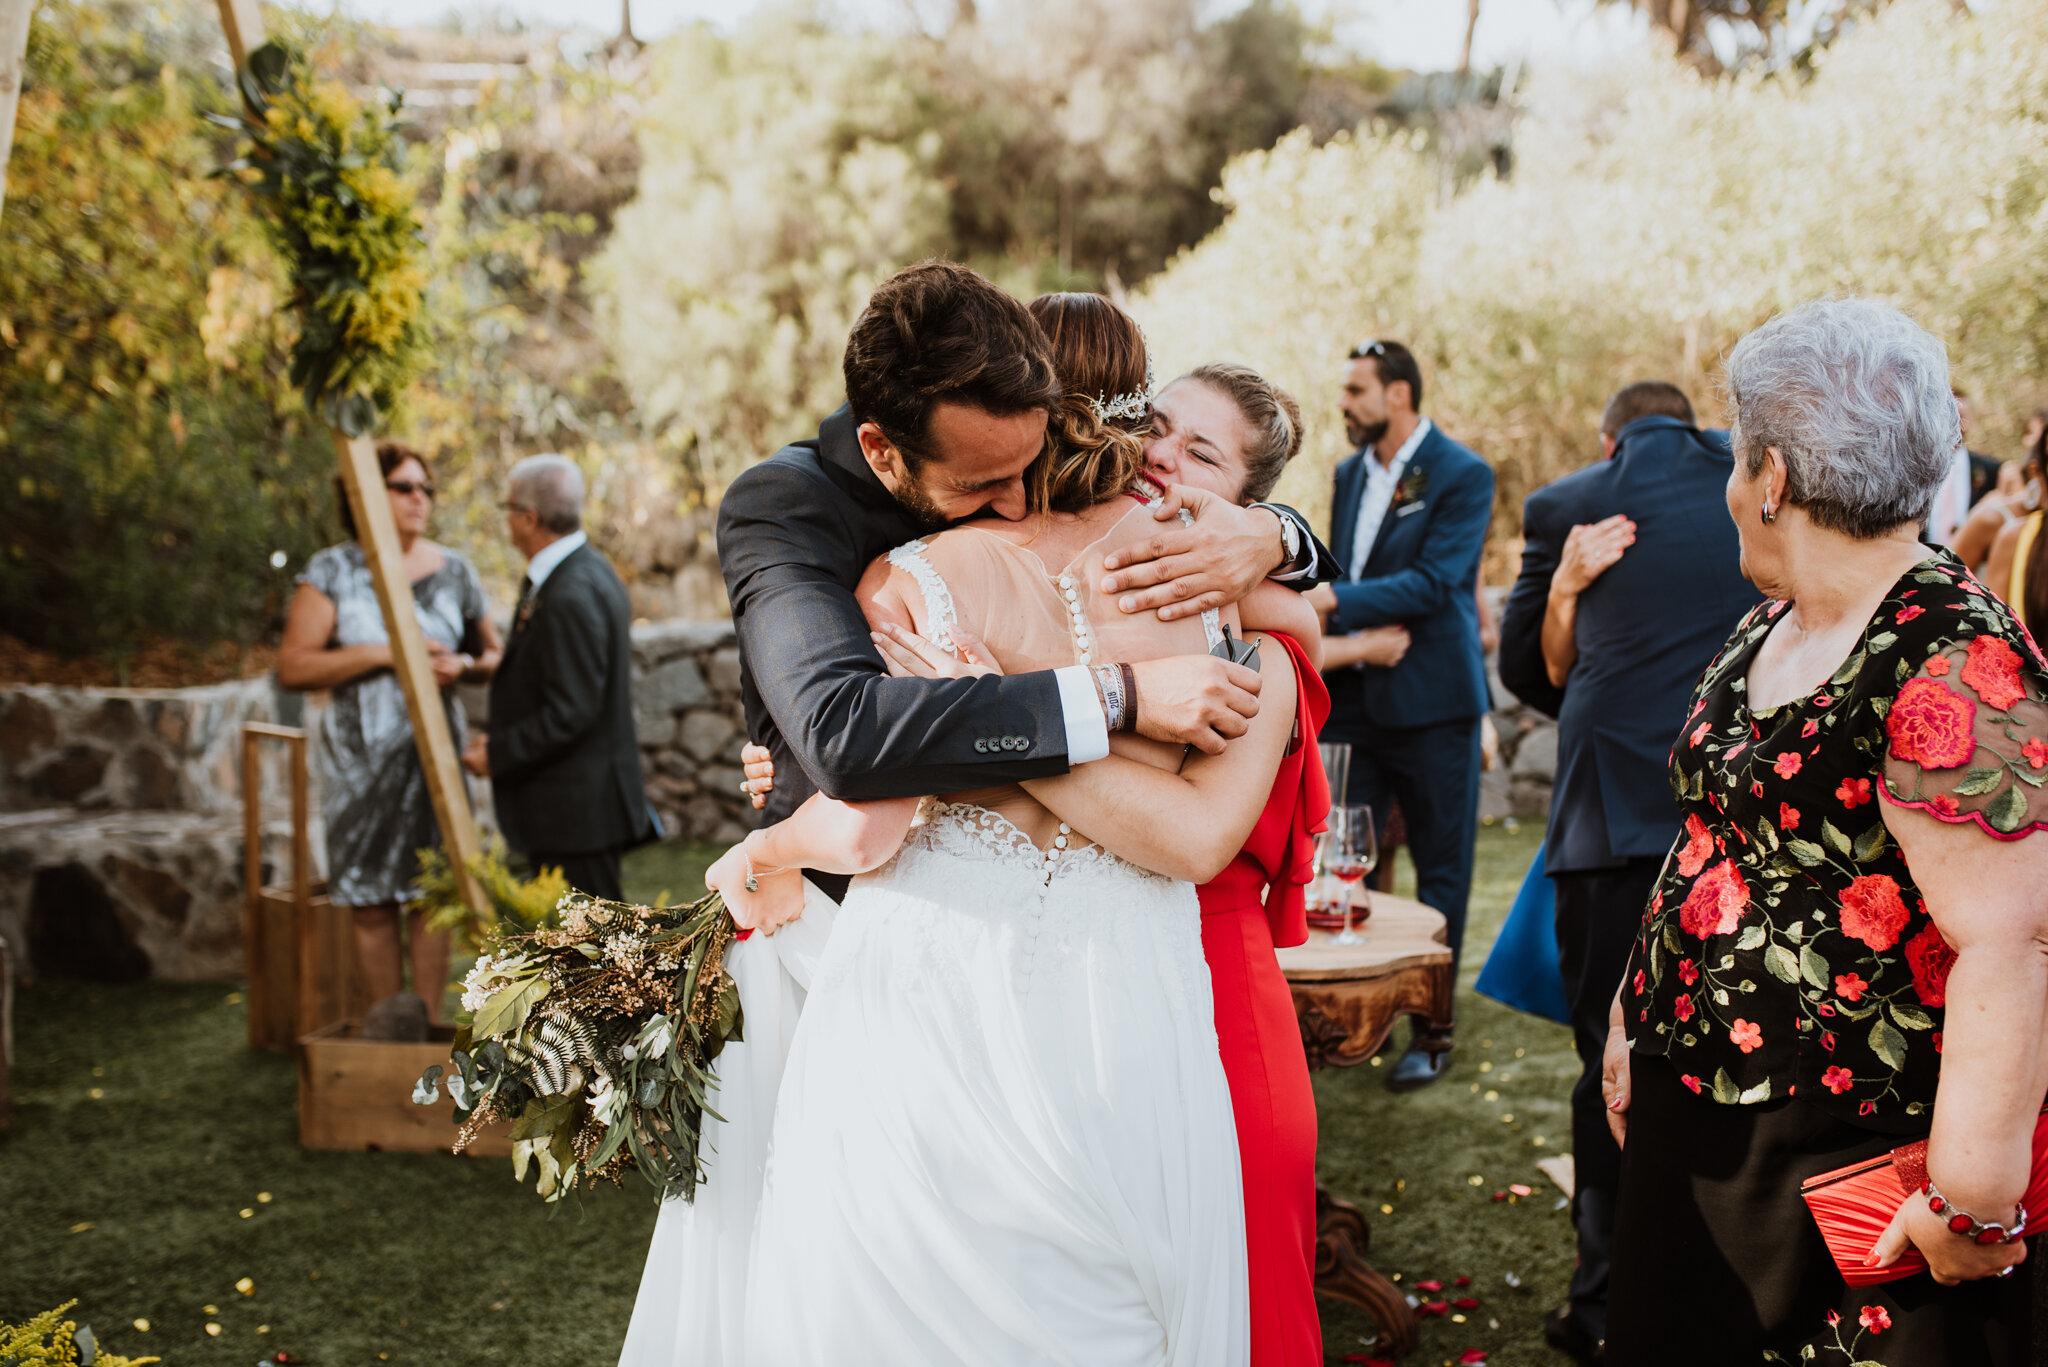 fotografo de bodas las palmas_-90.jpg